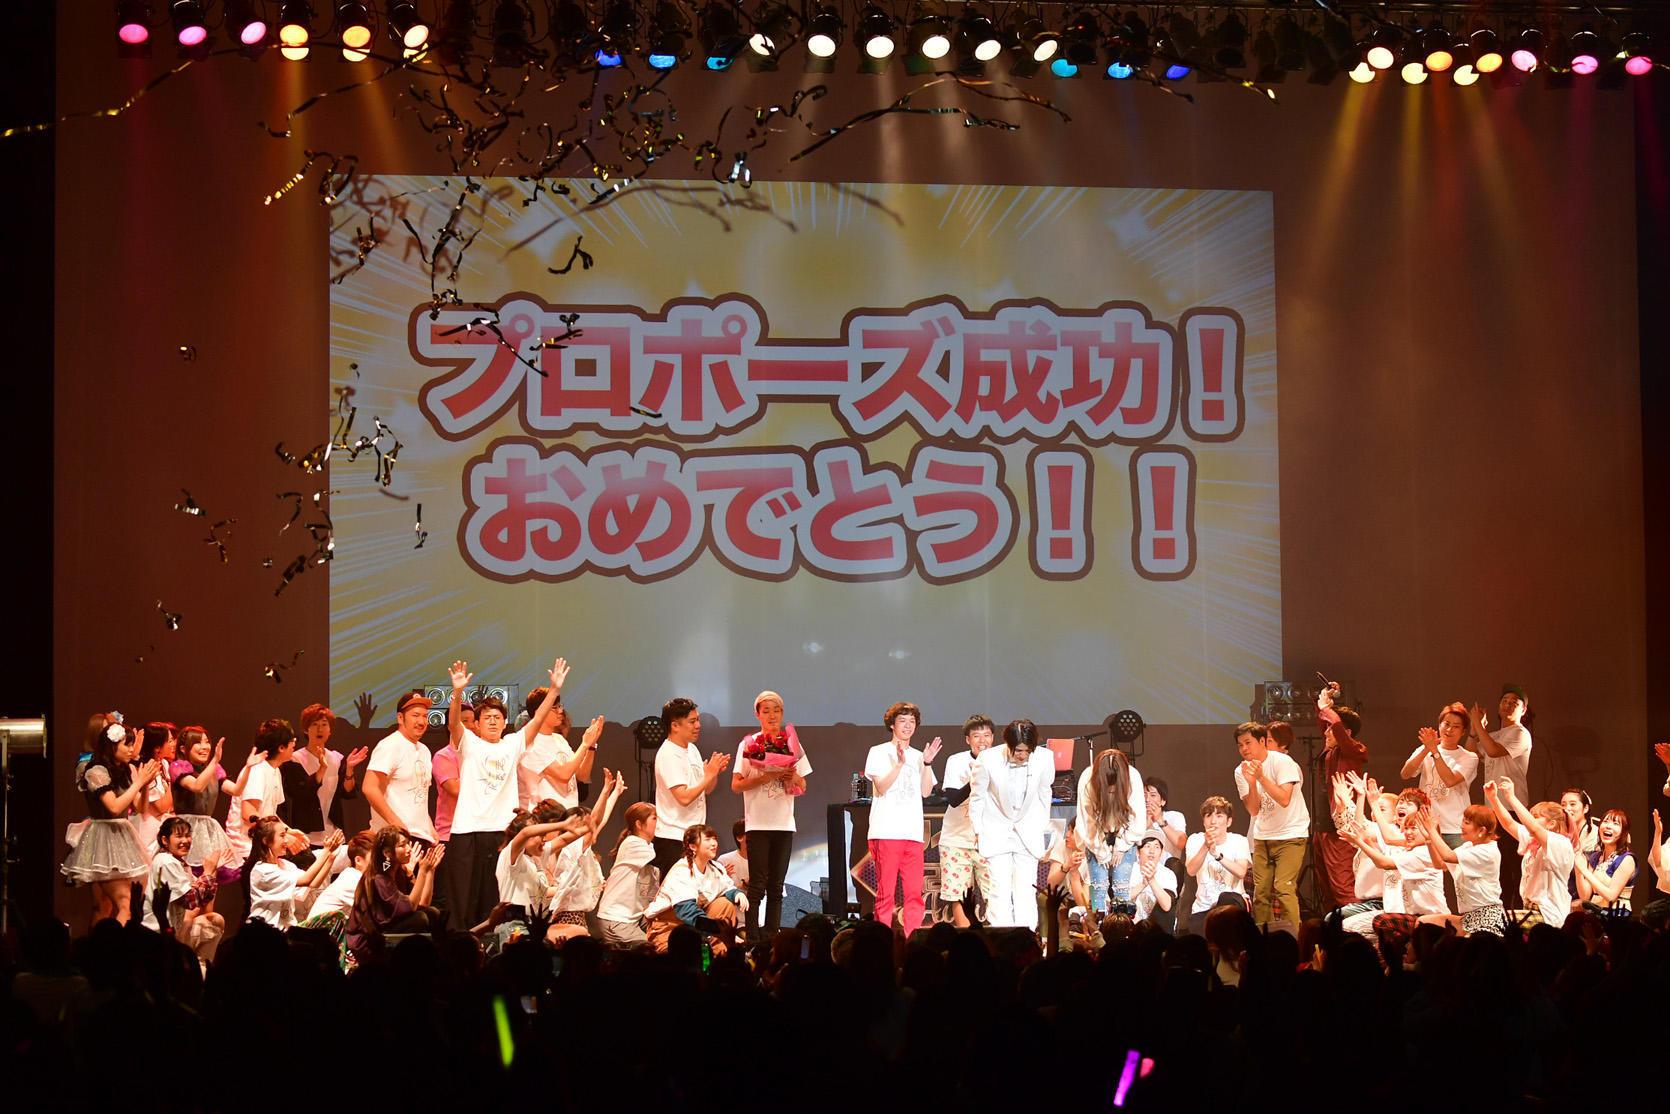 http://news.yoshimoto.co.jp/20181201030313-4db9c3ad85a94b11e219e8bbf41d967edd27ae1d.jpg